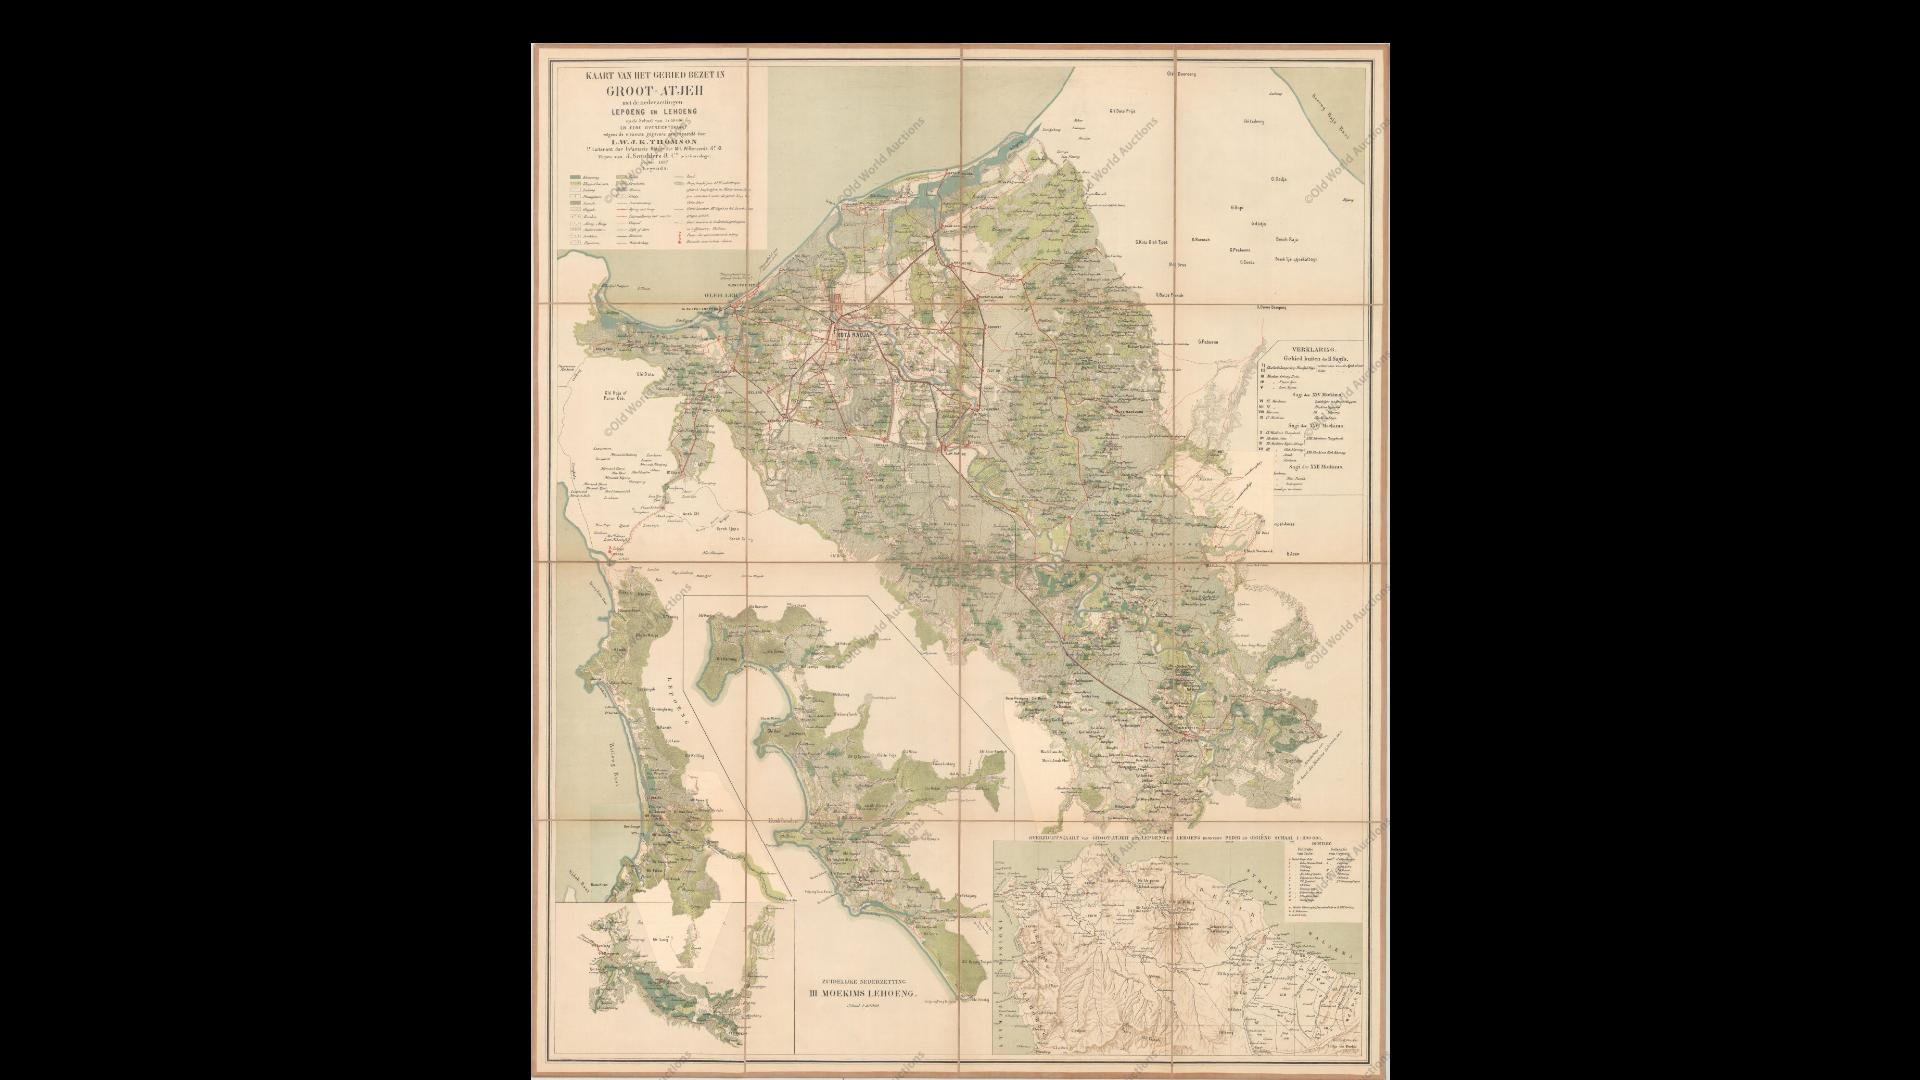 Groot Atjeh - L.W.J.K Thomson (c.1897)